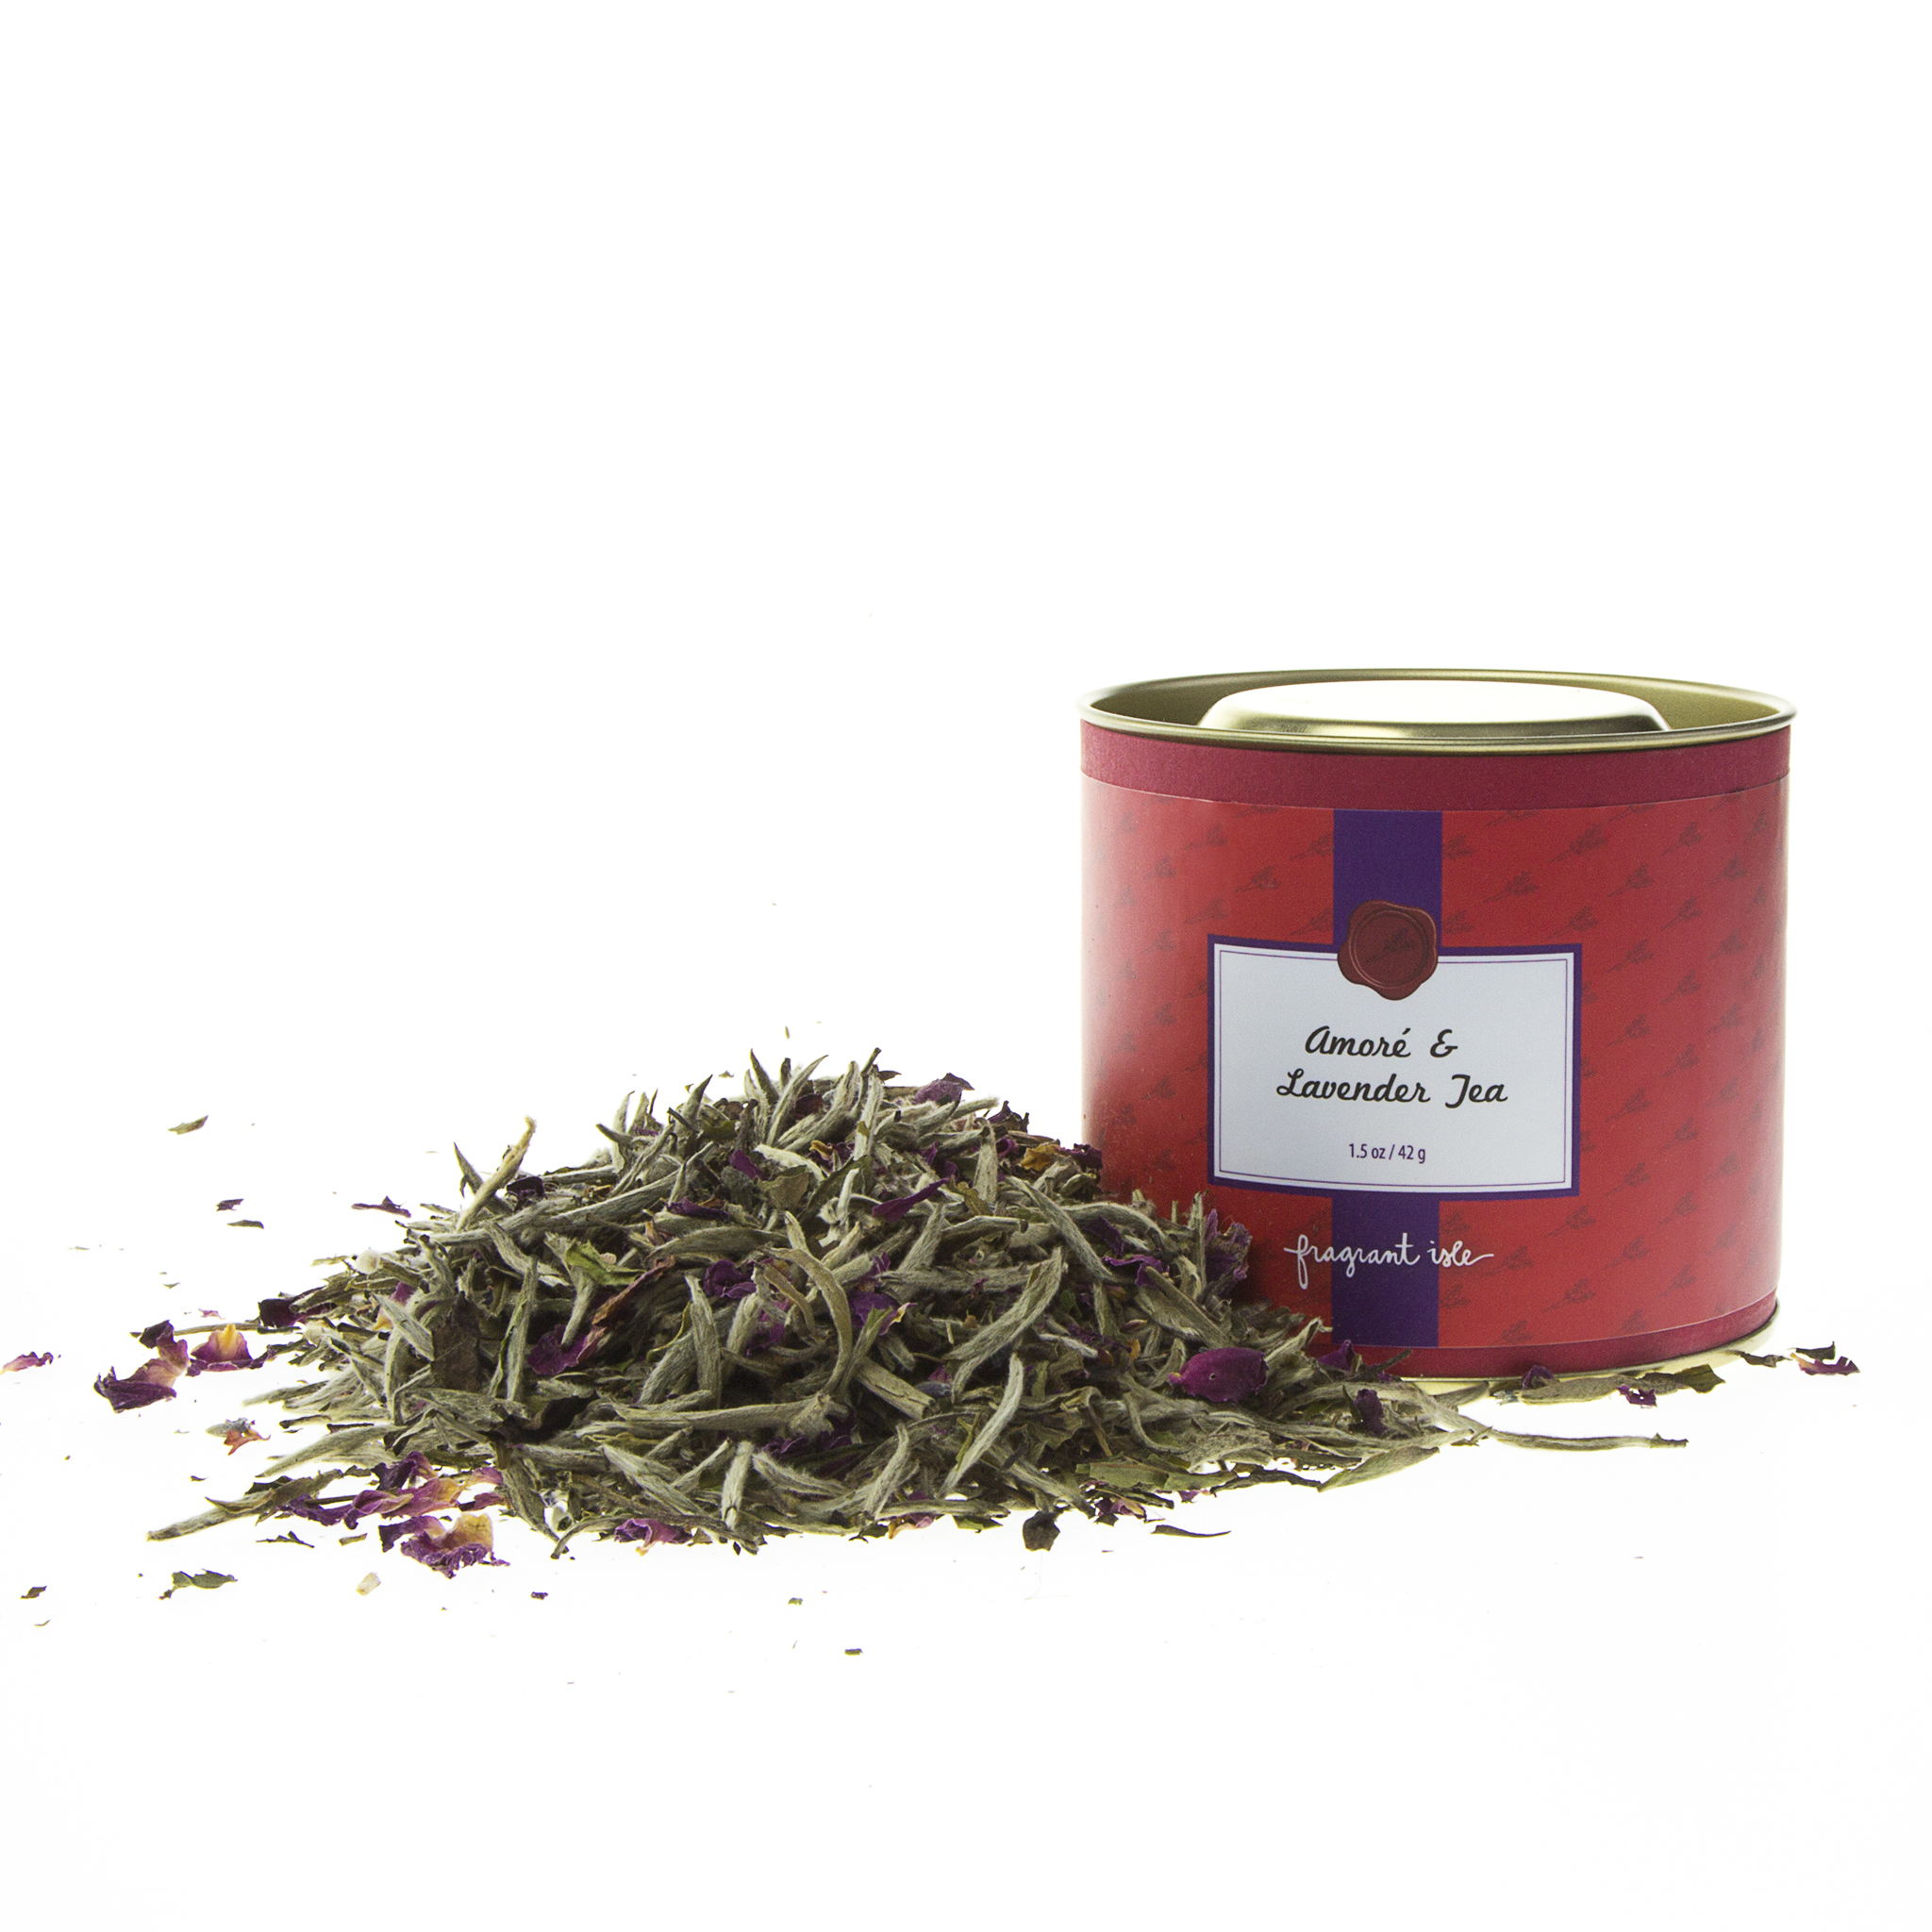 fragrant_isle_lavender_tea_packaging.jpg